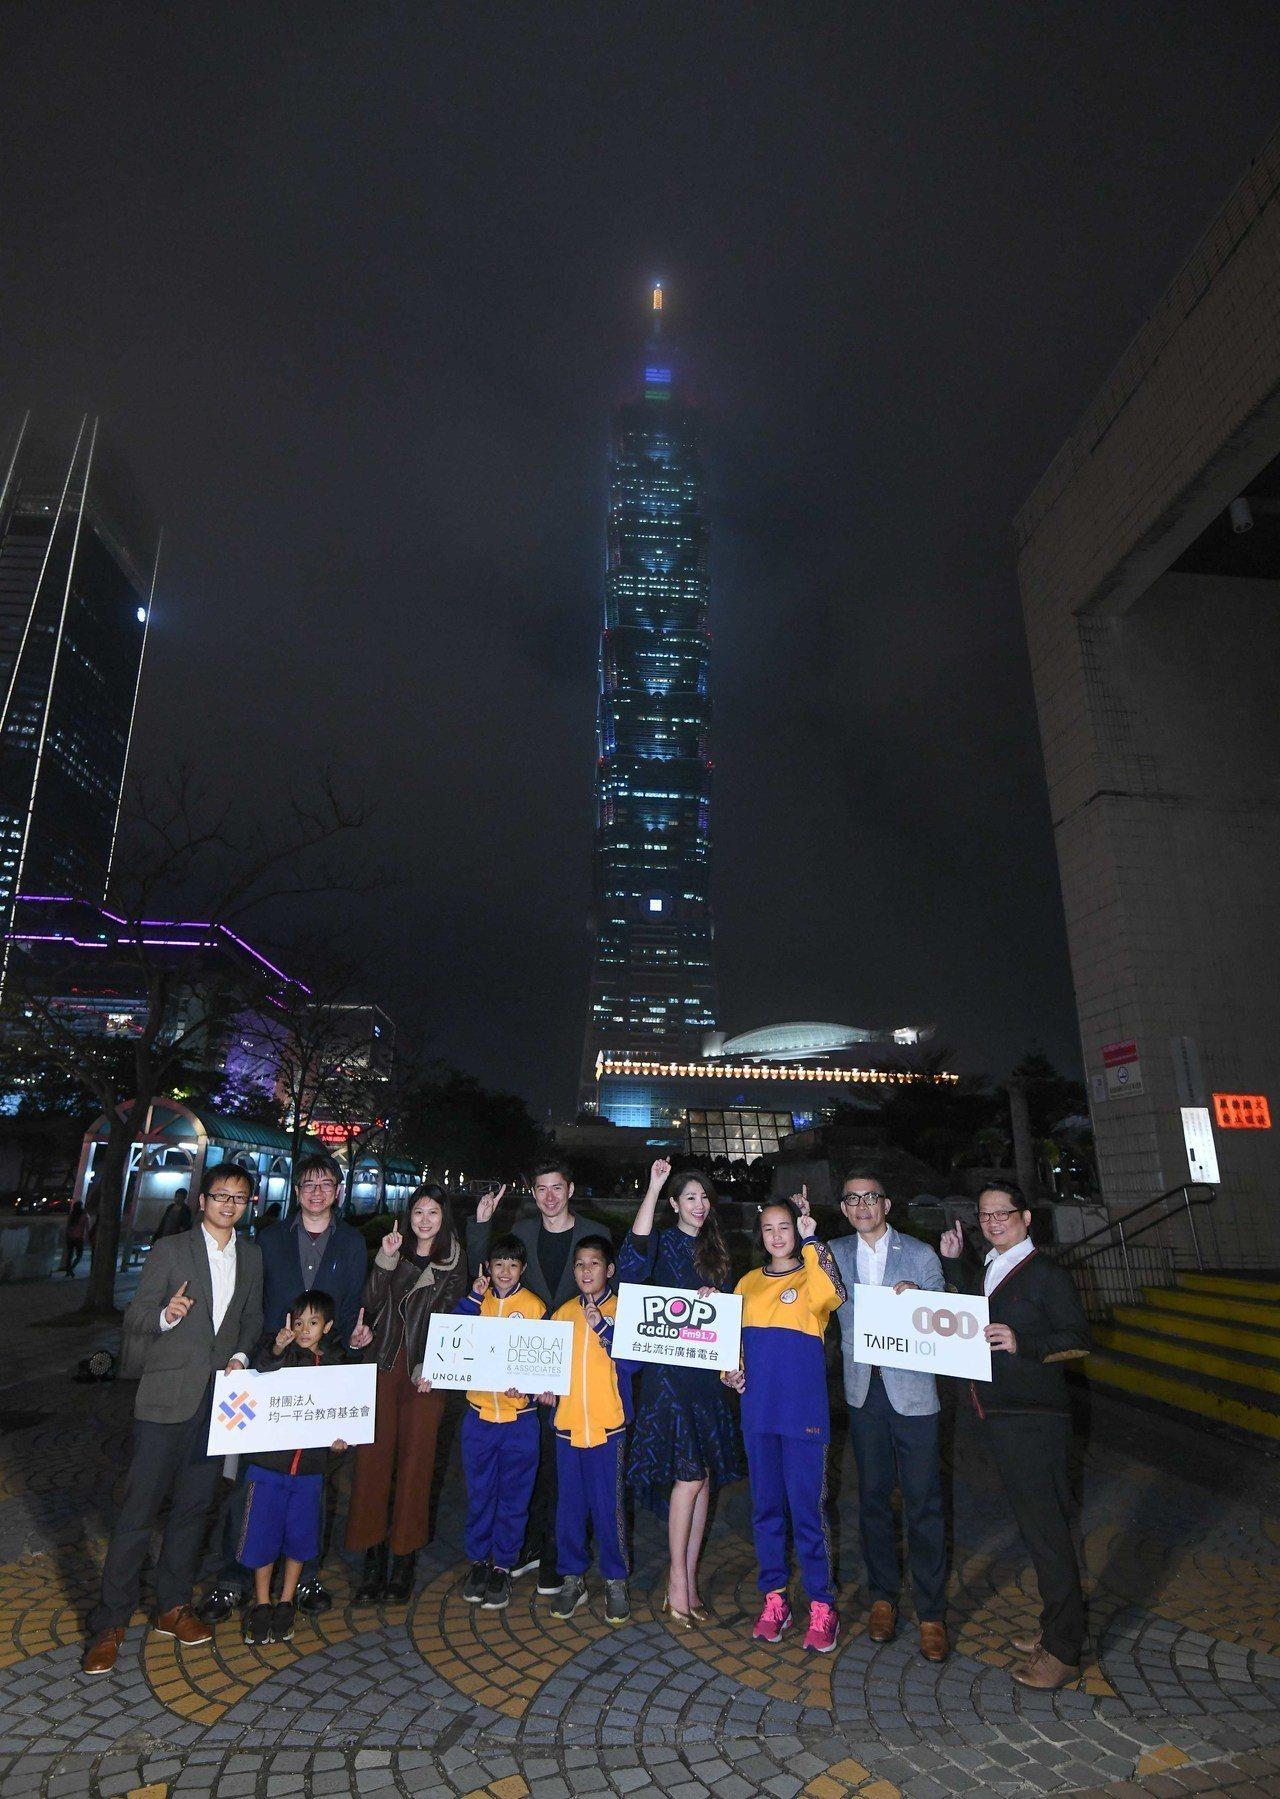 台北101首度讓學童設計燈光,出自三位泰雅族小朋友之手。圖/台北101提供